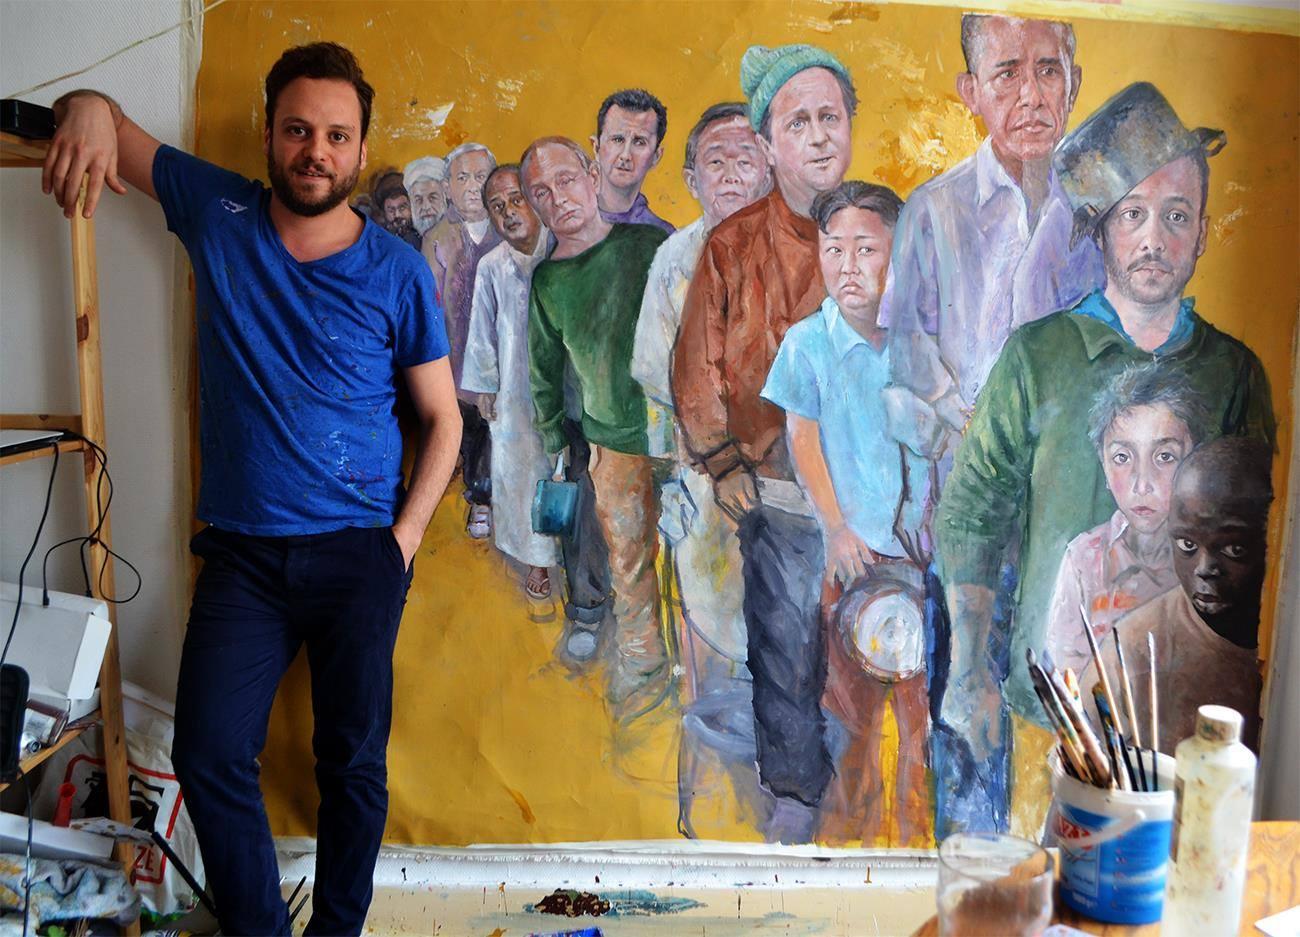 Un artista siriano ridisegna i potenti della terra come rifugiati vulnerabili